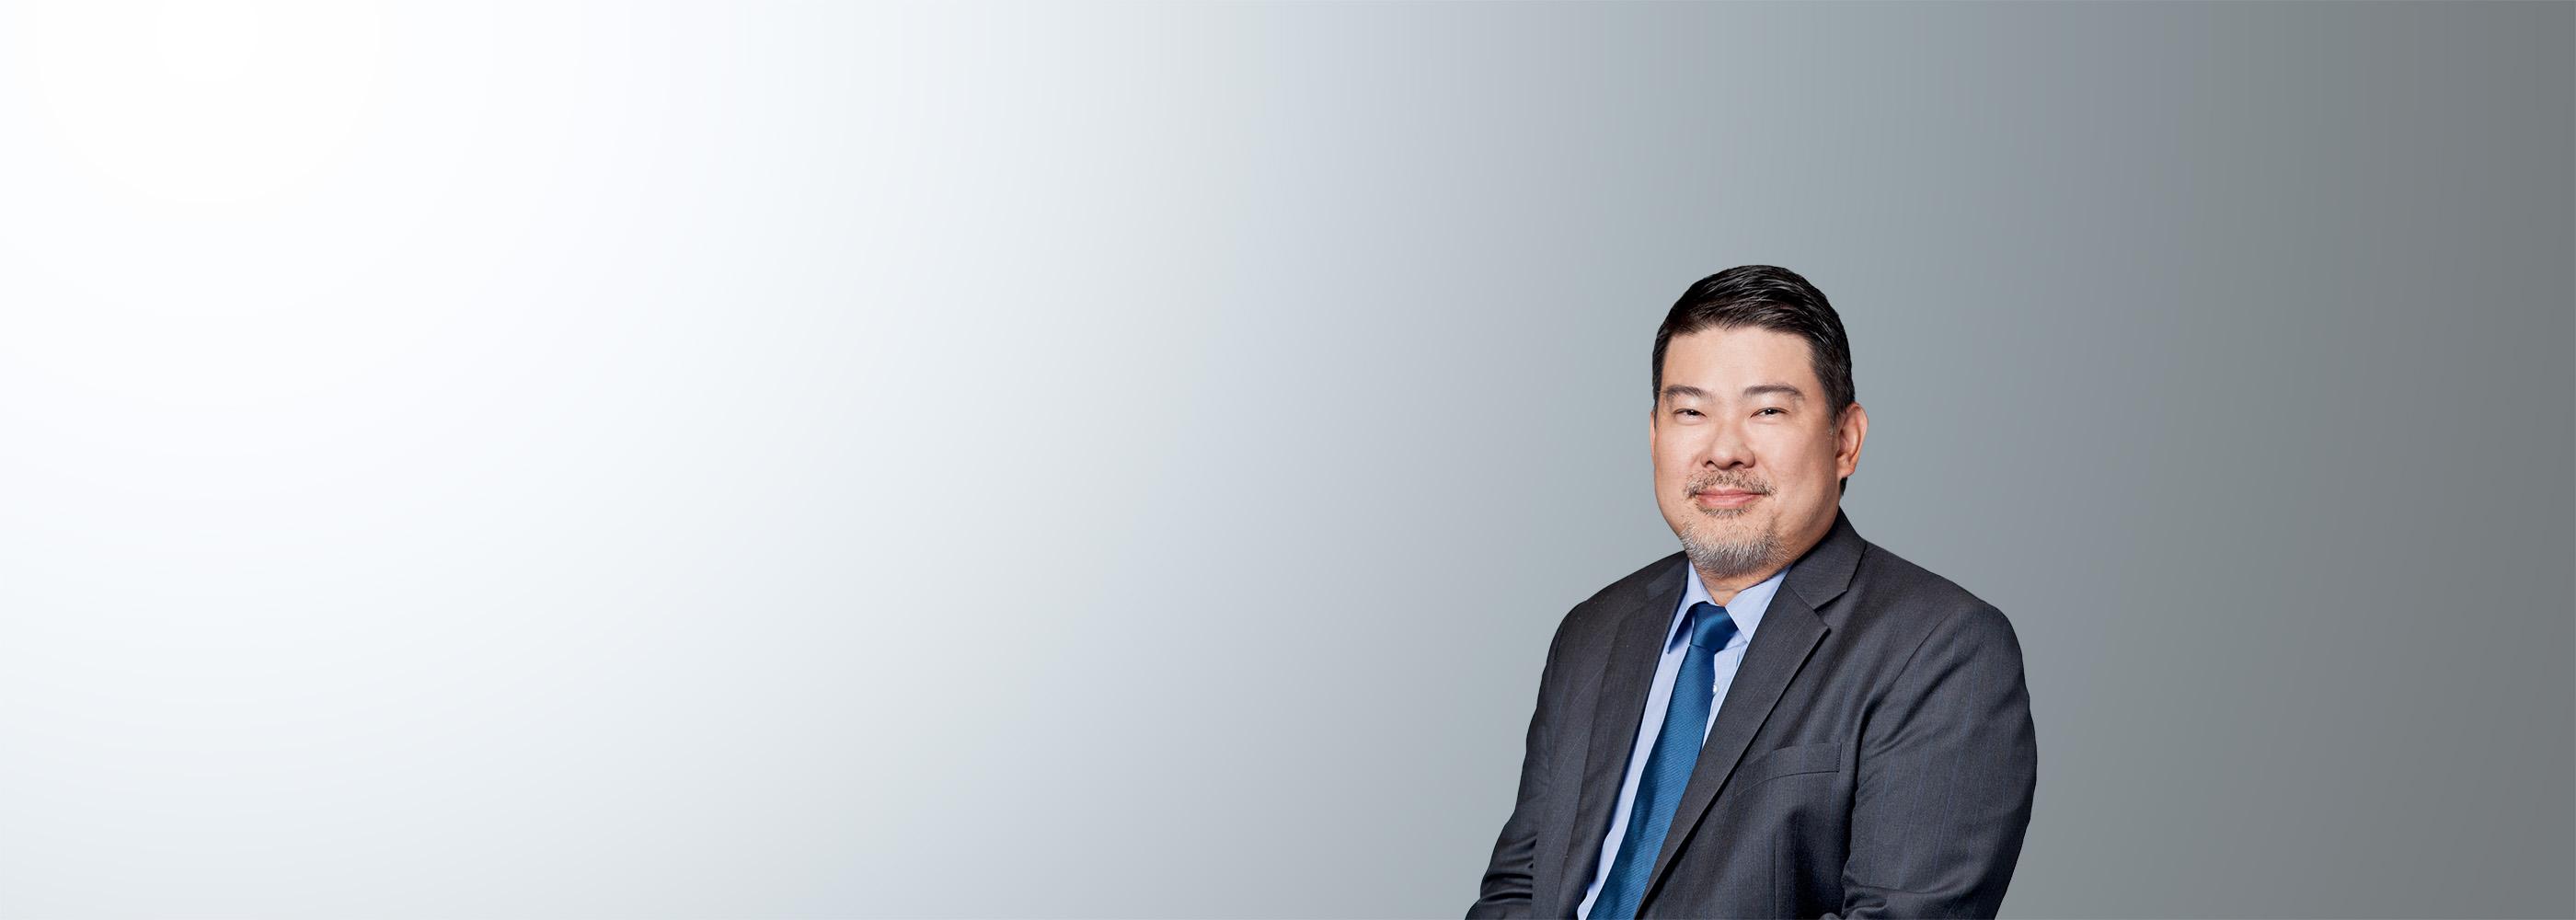 CHOU Sean Yu